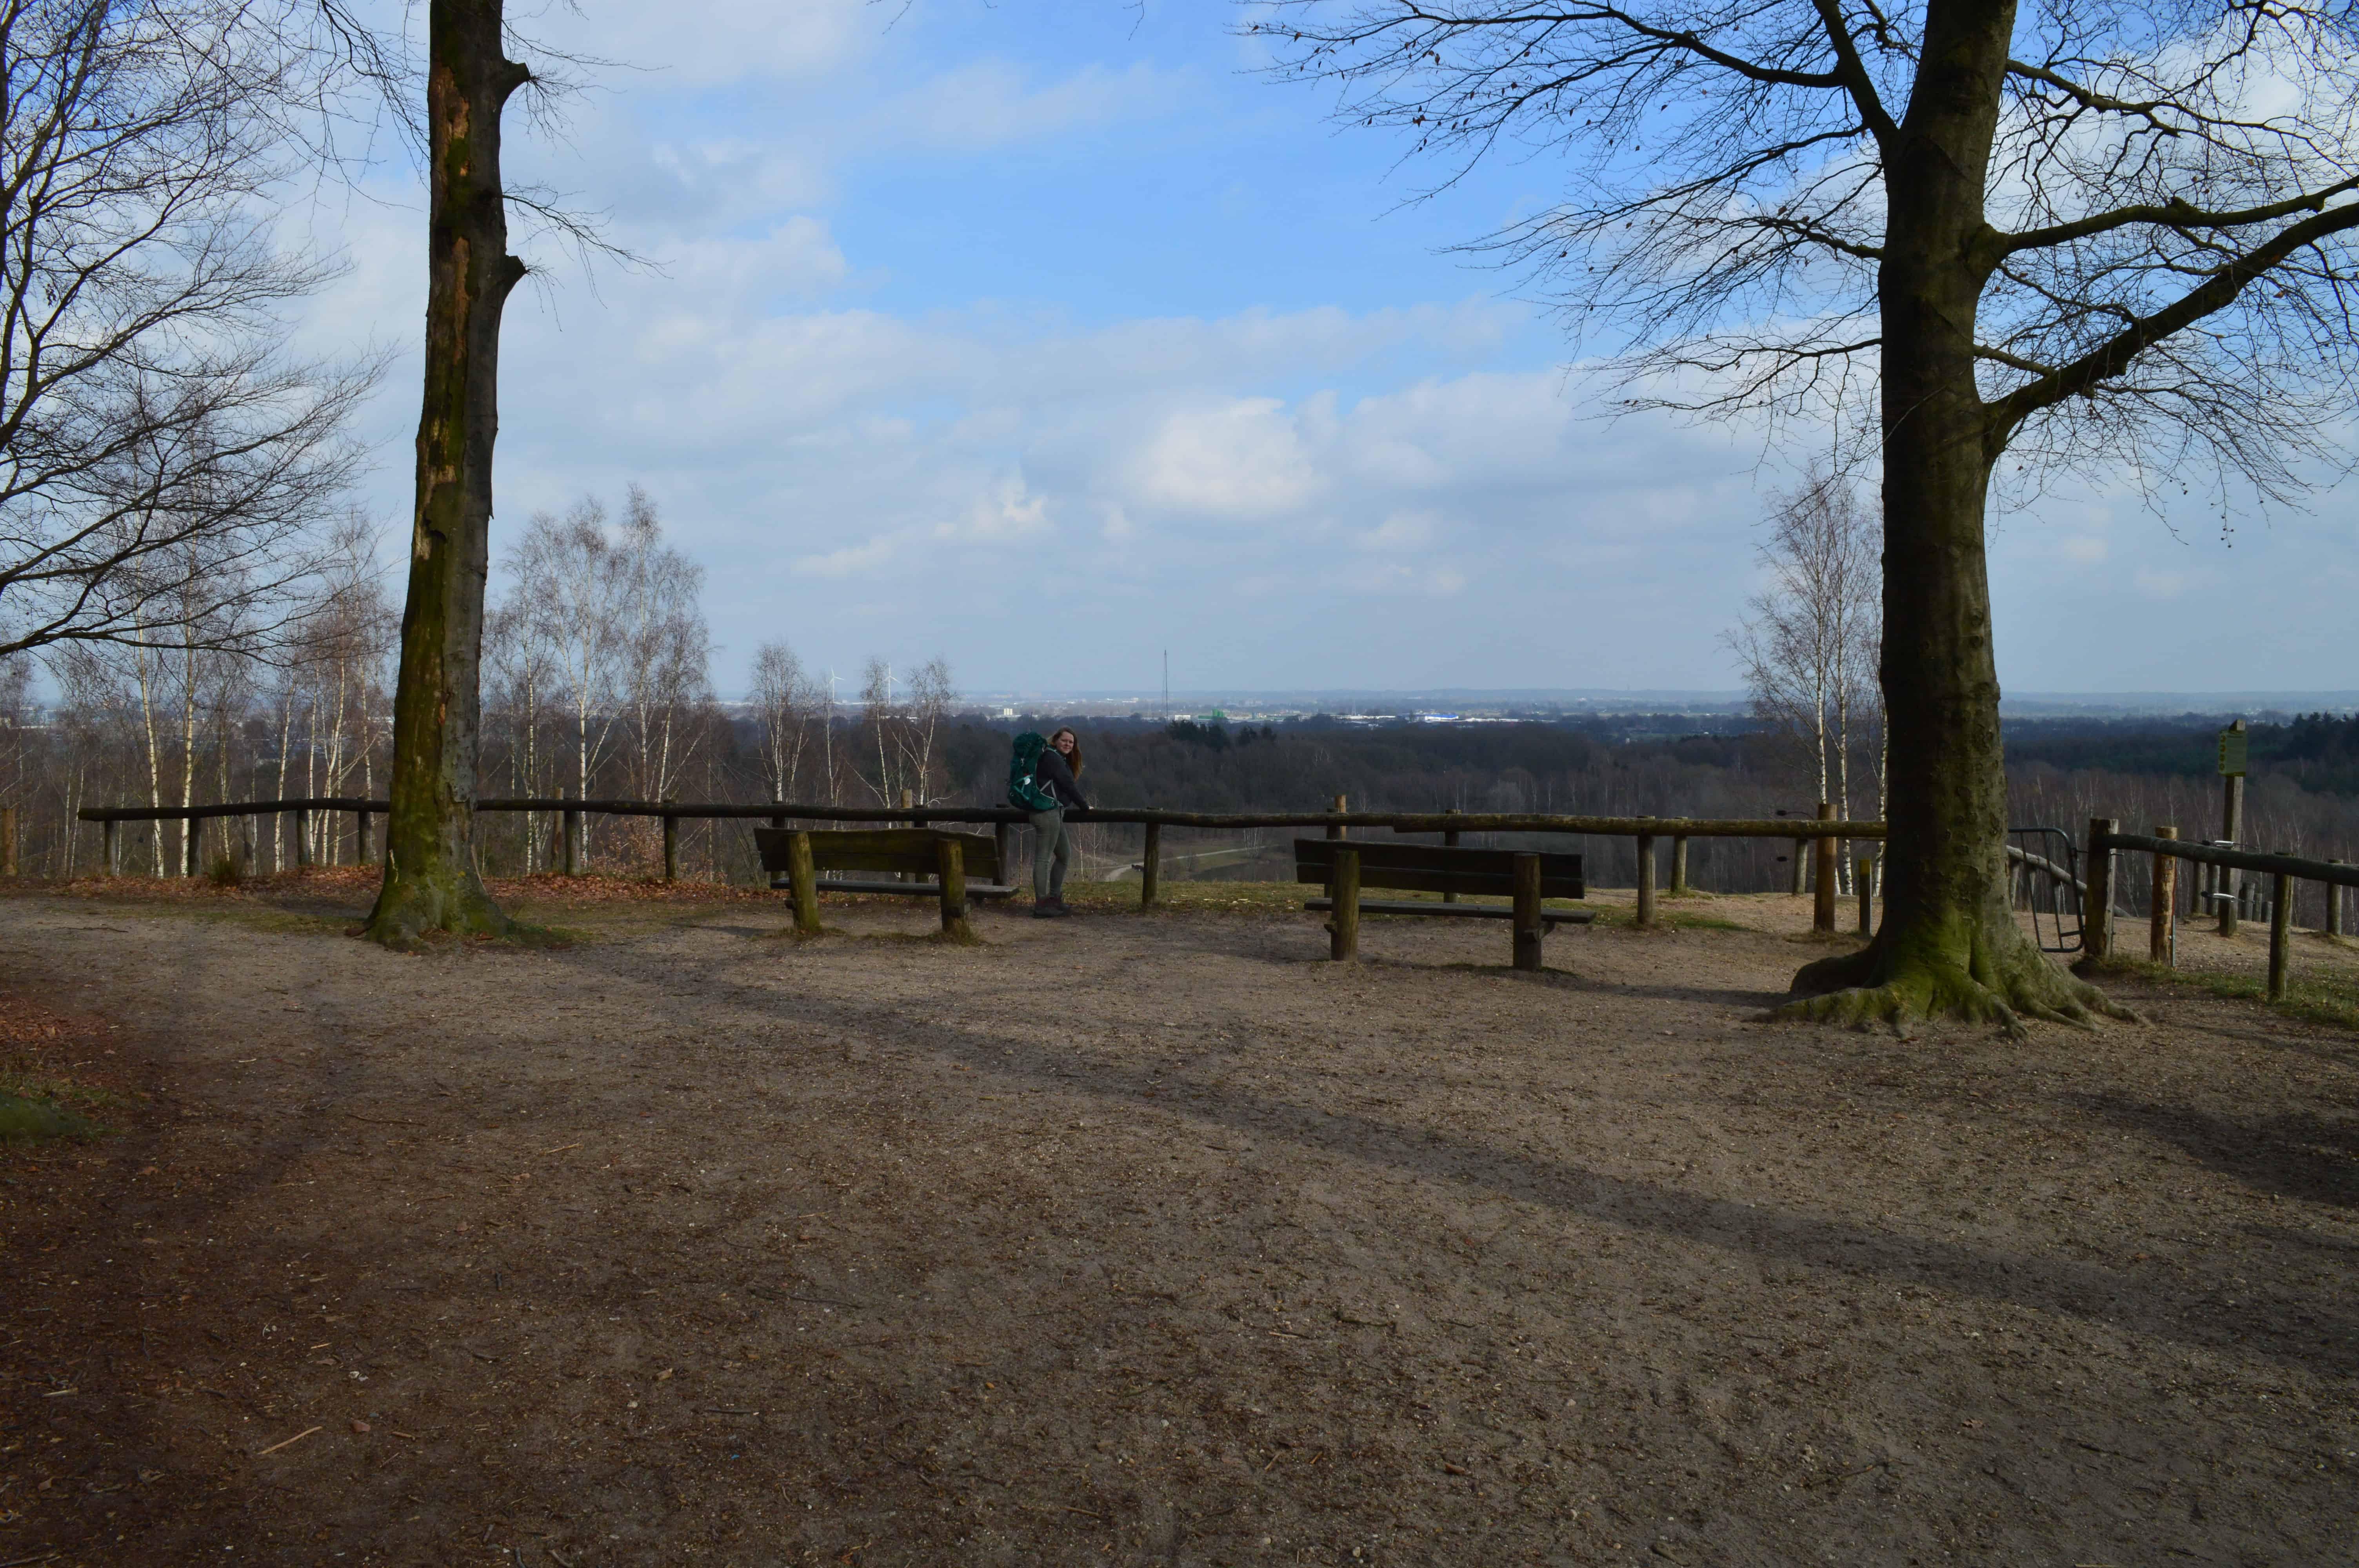 Mooi uitkijkpunt - Van Amerongen naar Rhenen - Trekvogelpad - HappyHikers